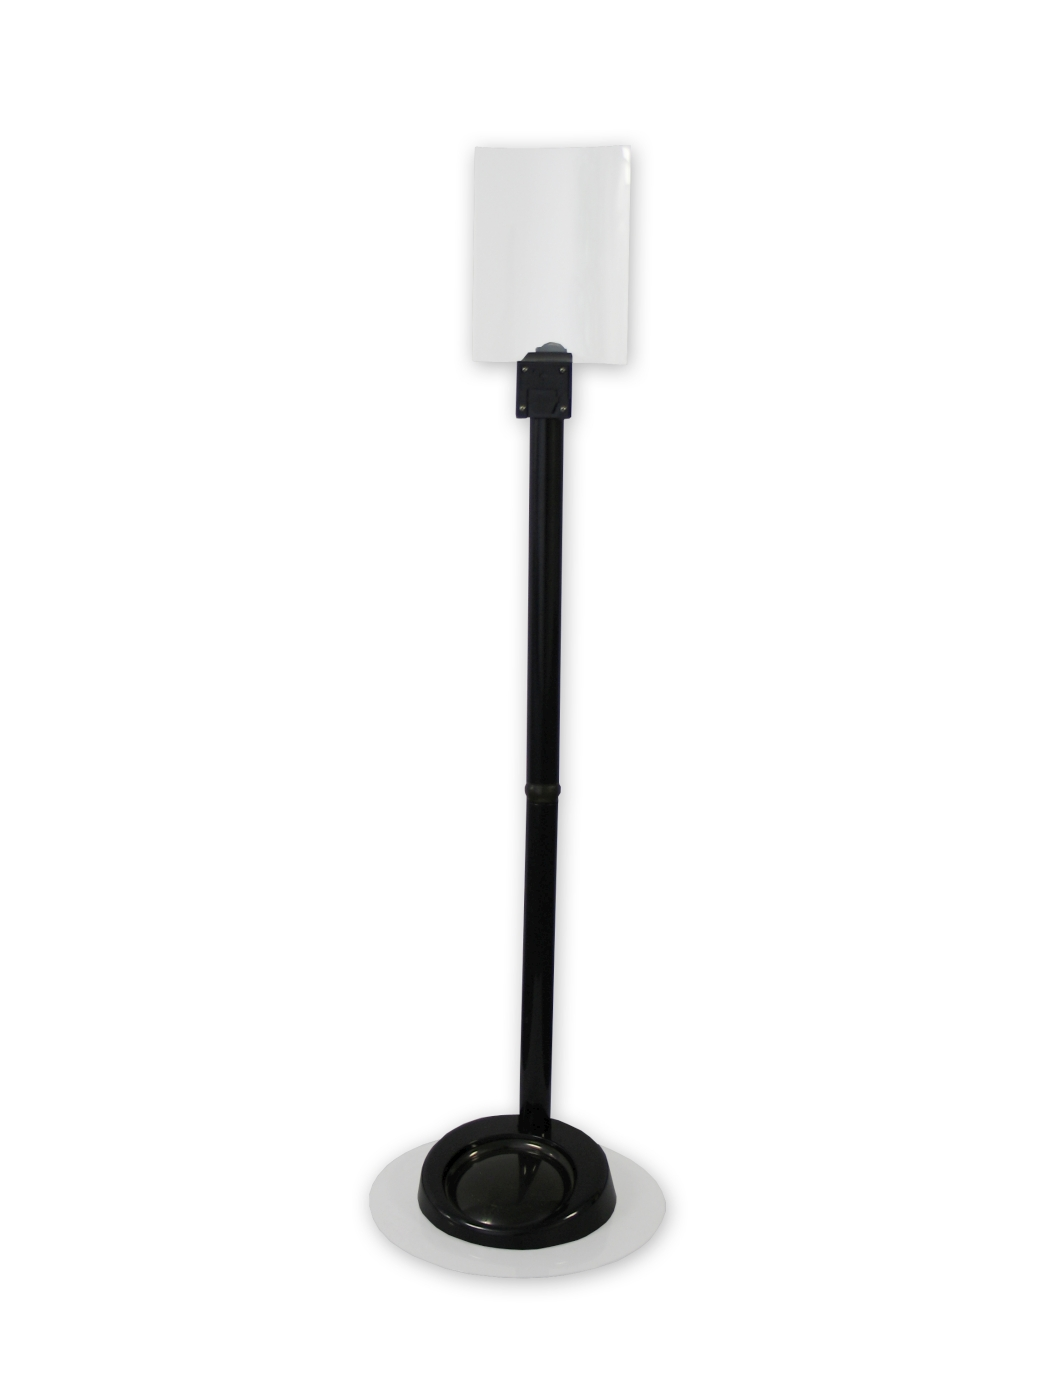 G1 Premium Bodenständer STANDARD (schwarz)